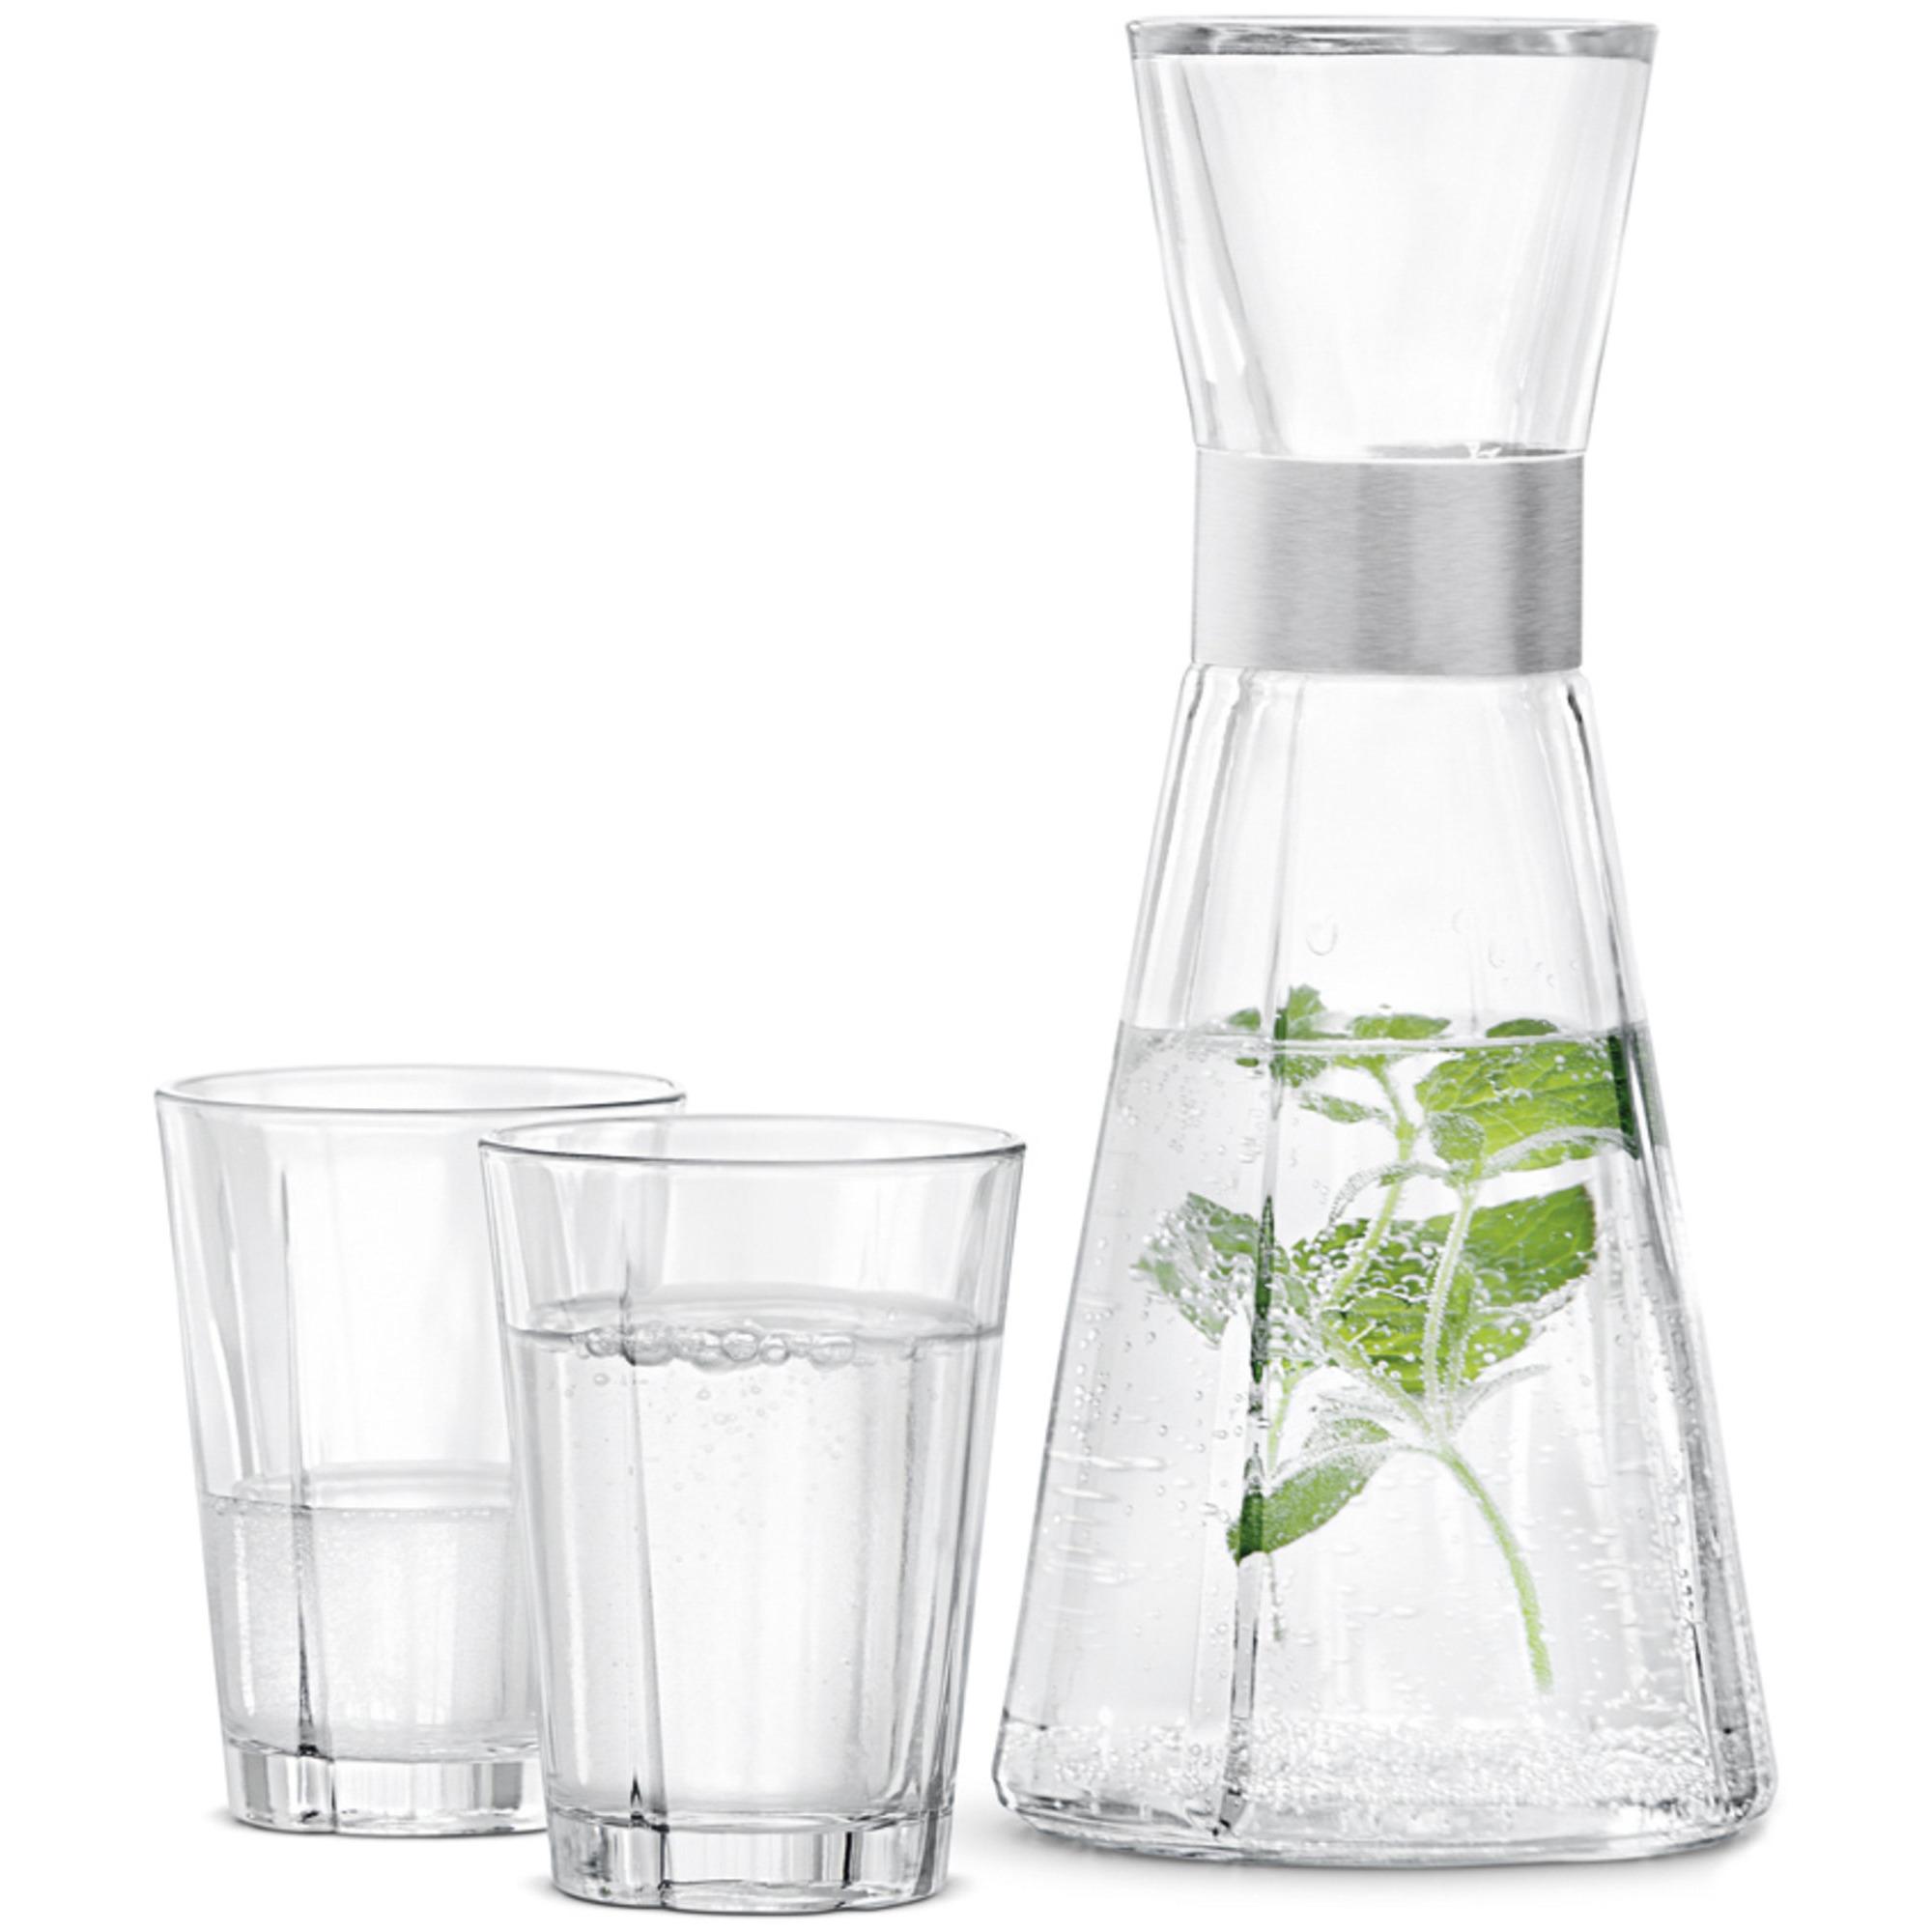 Rosendahl Grand Cru Vattenkaraff med 2 st Glas